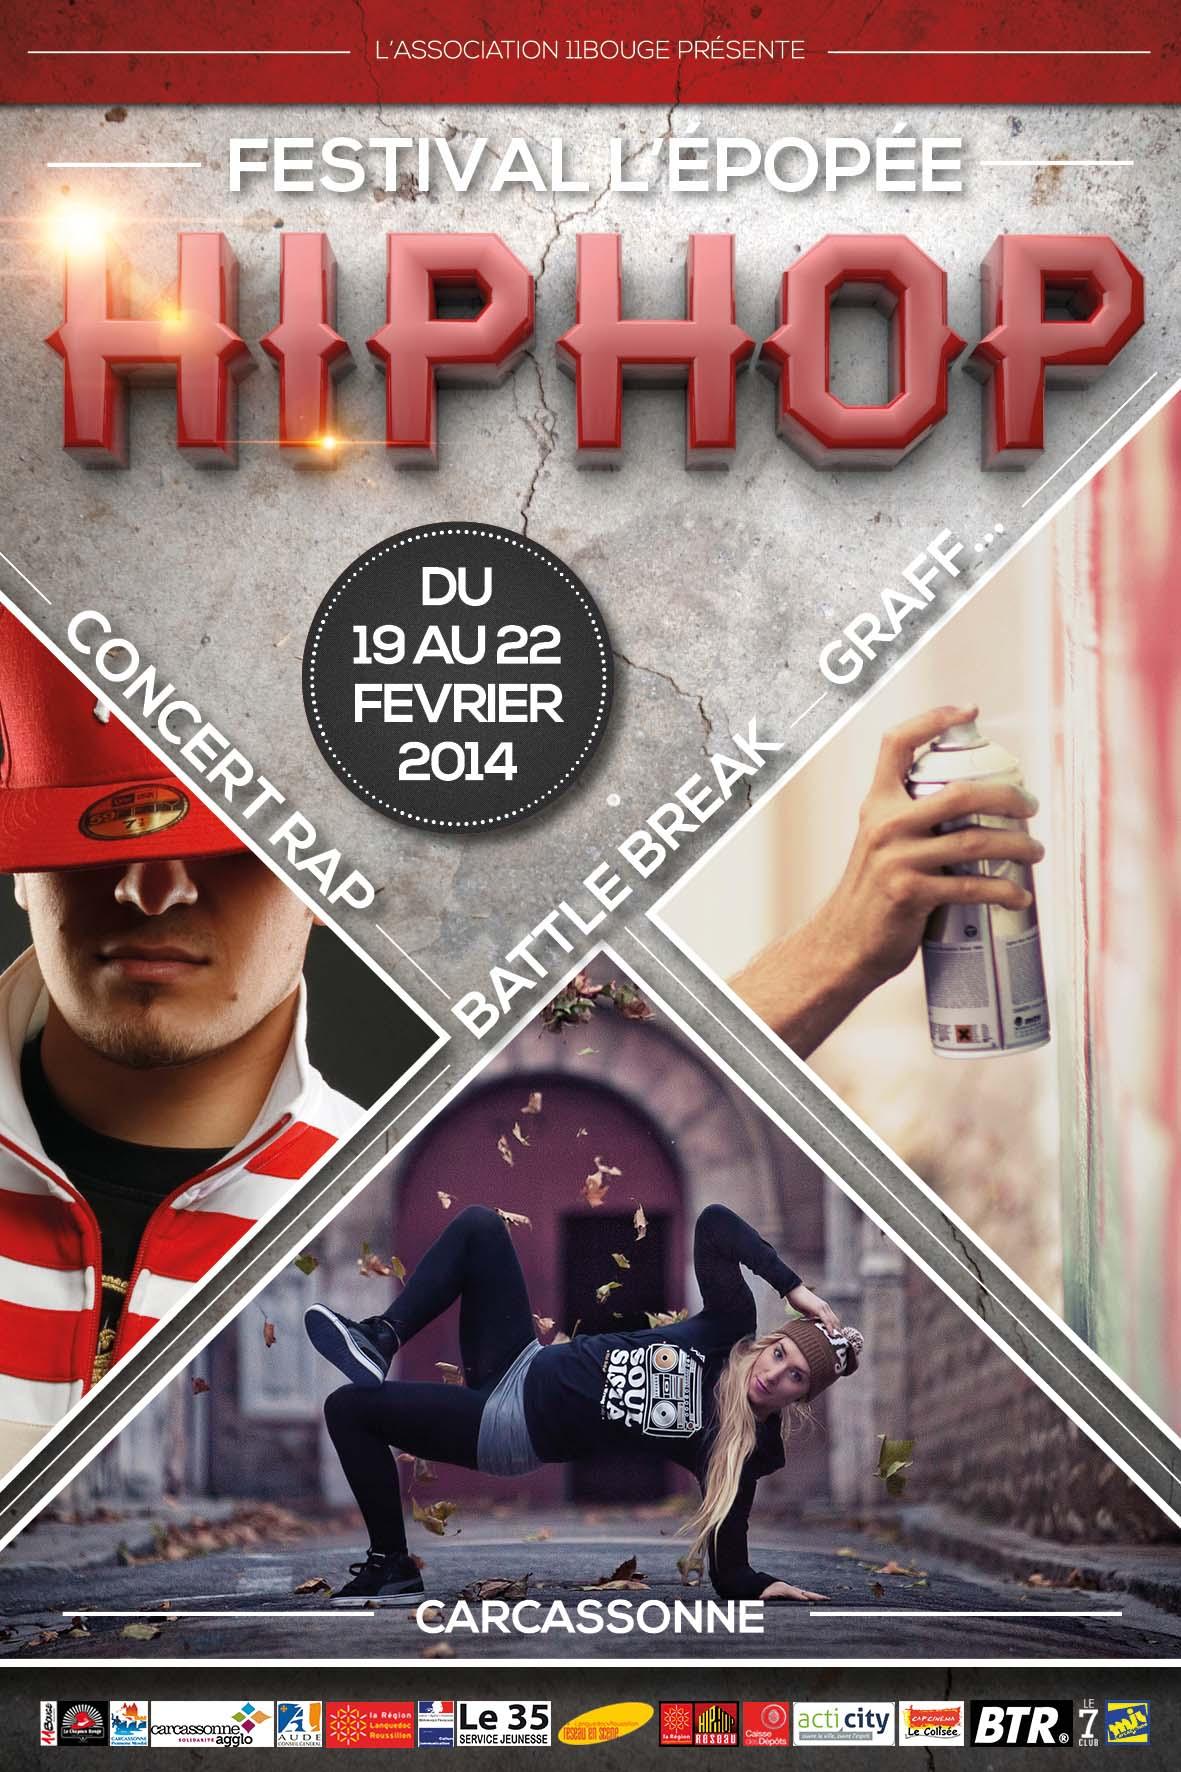 visuel festival l'epopée hip hop